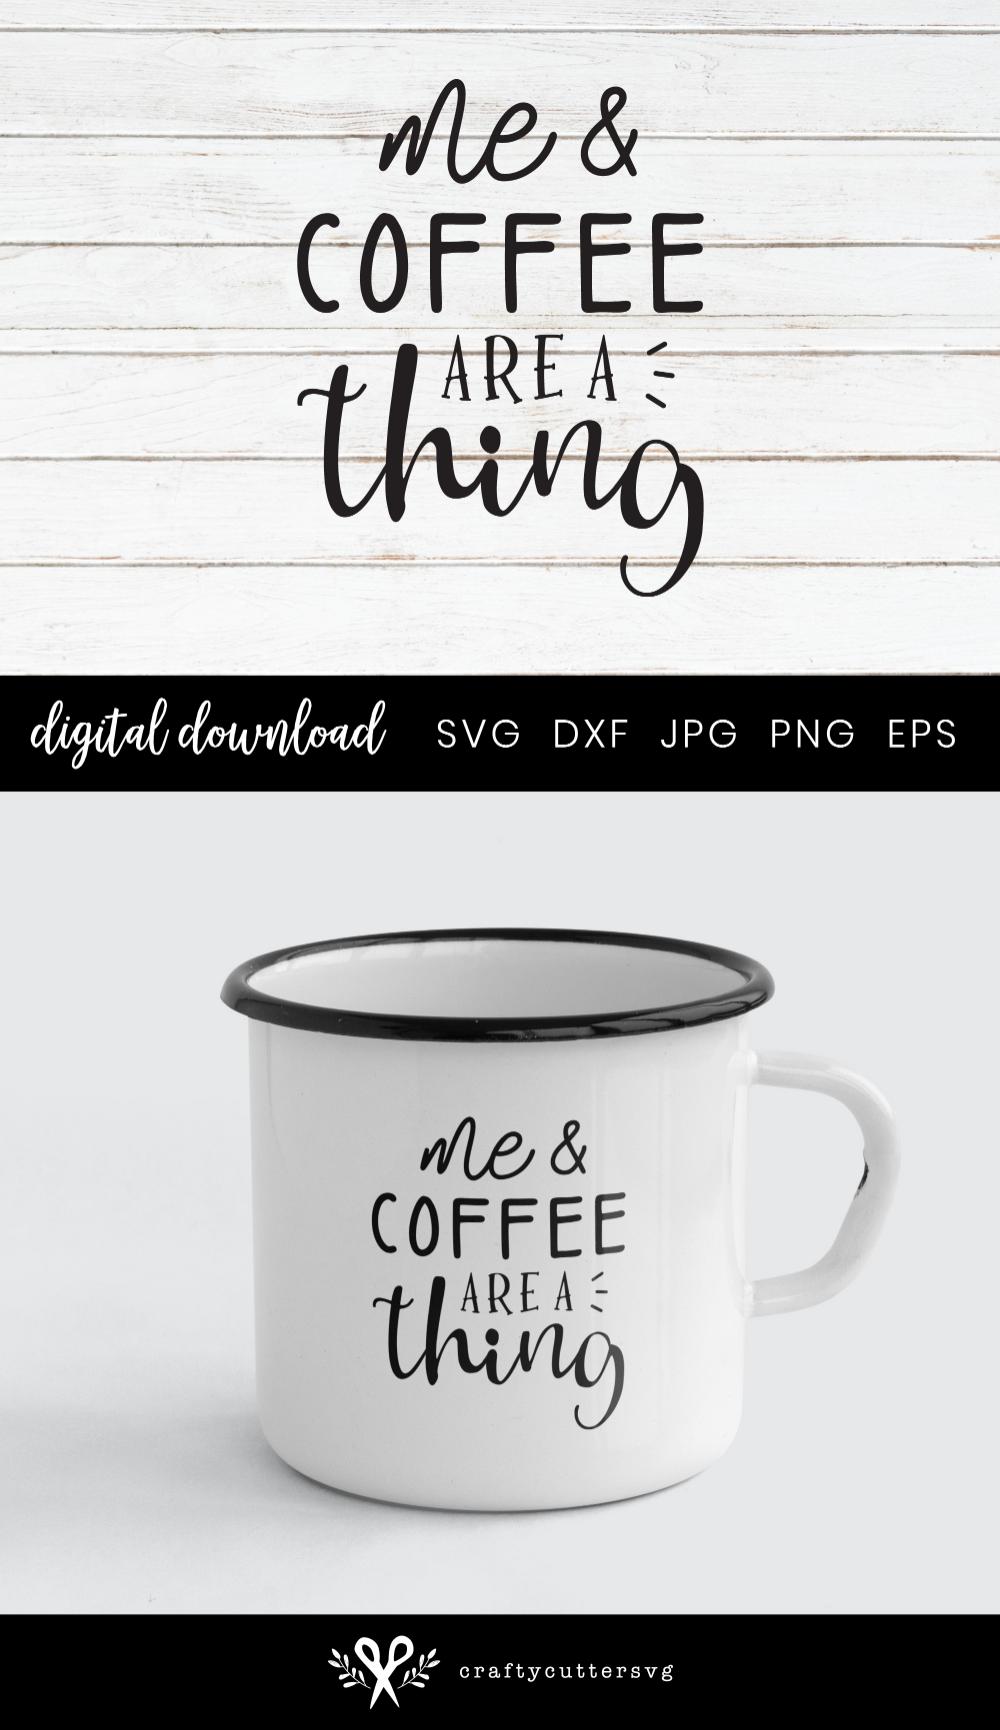 Me & Coffee are a Thing, Coffee Mug Quote Svg Coffee mug